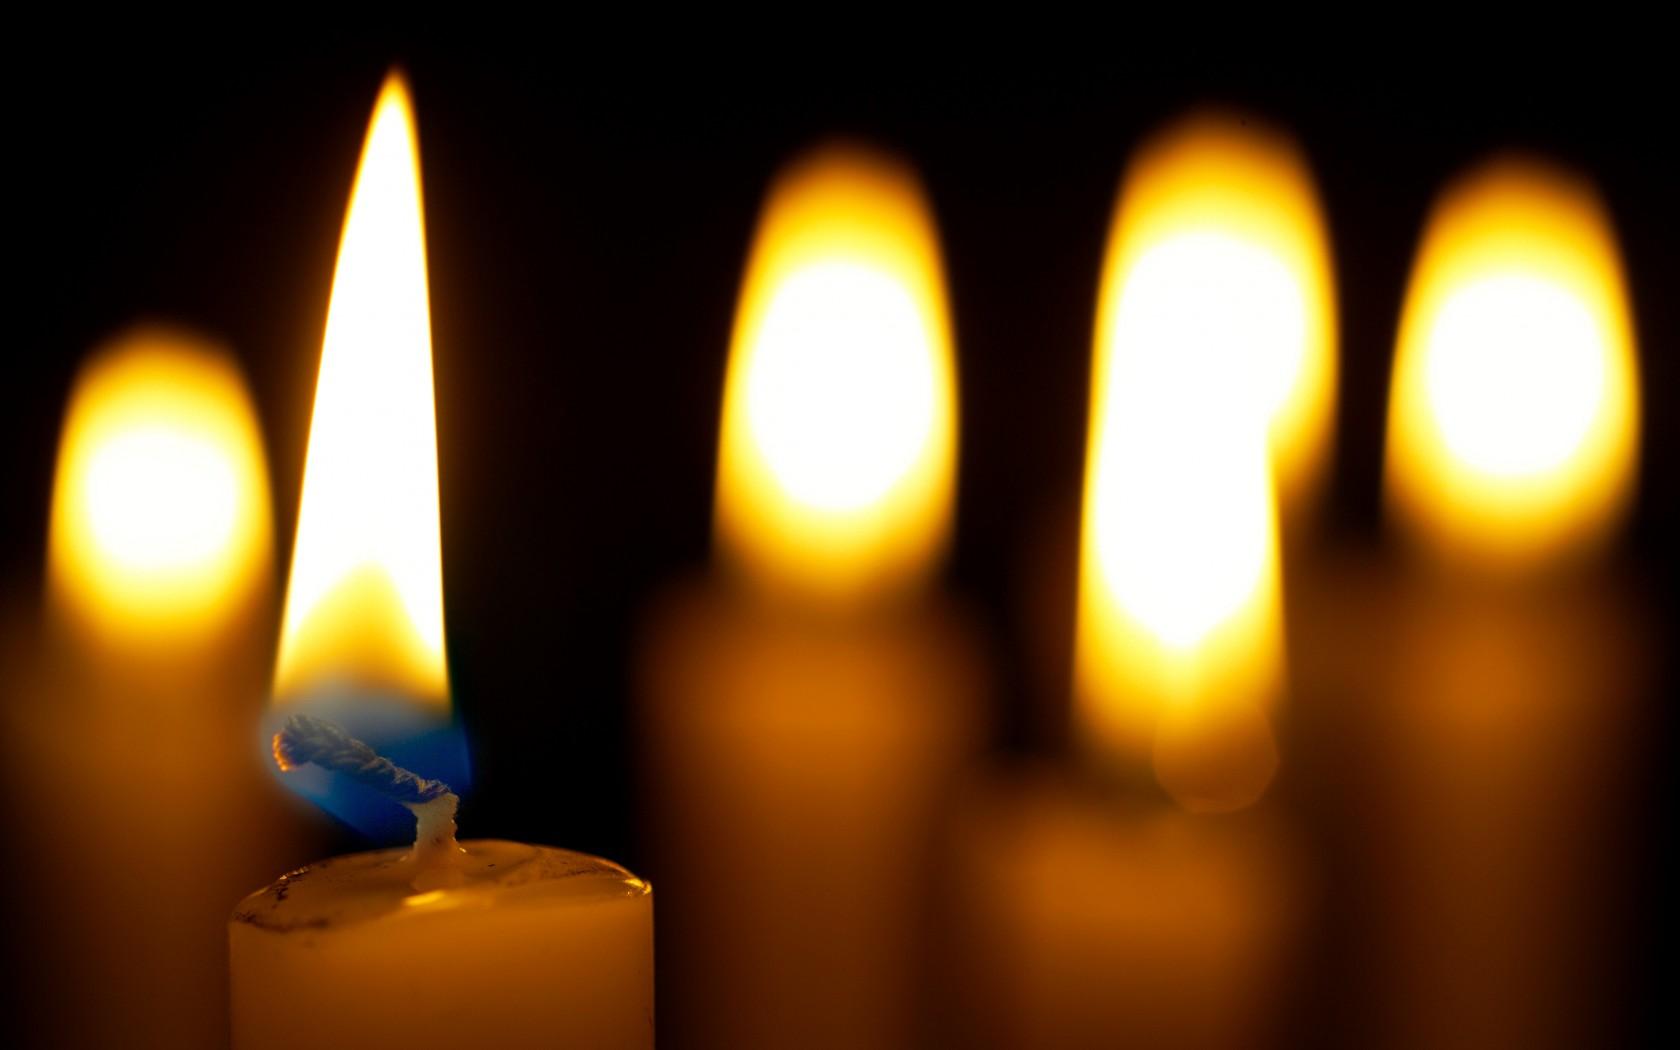 Срочно! Украина в слезах. Умер страшной смертью гениальный актер. Его любили миллионы